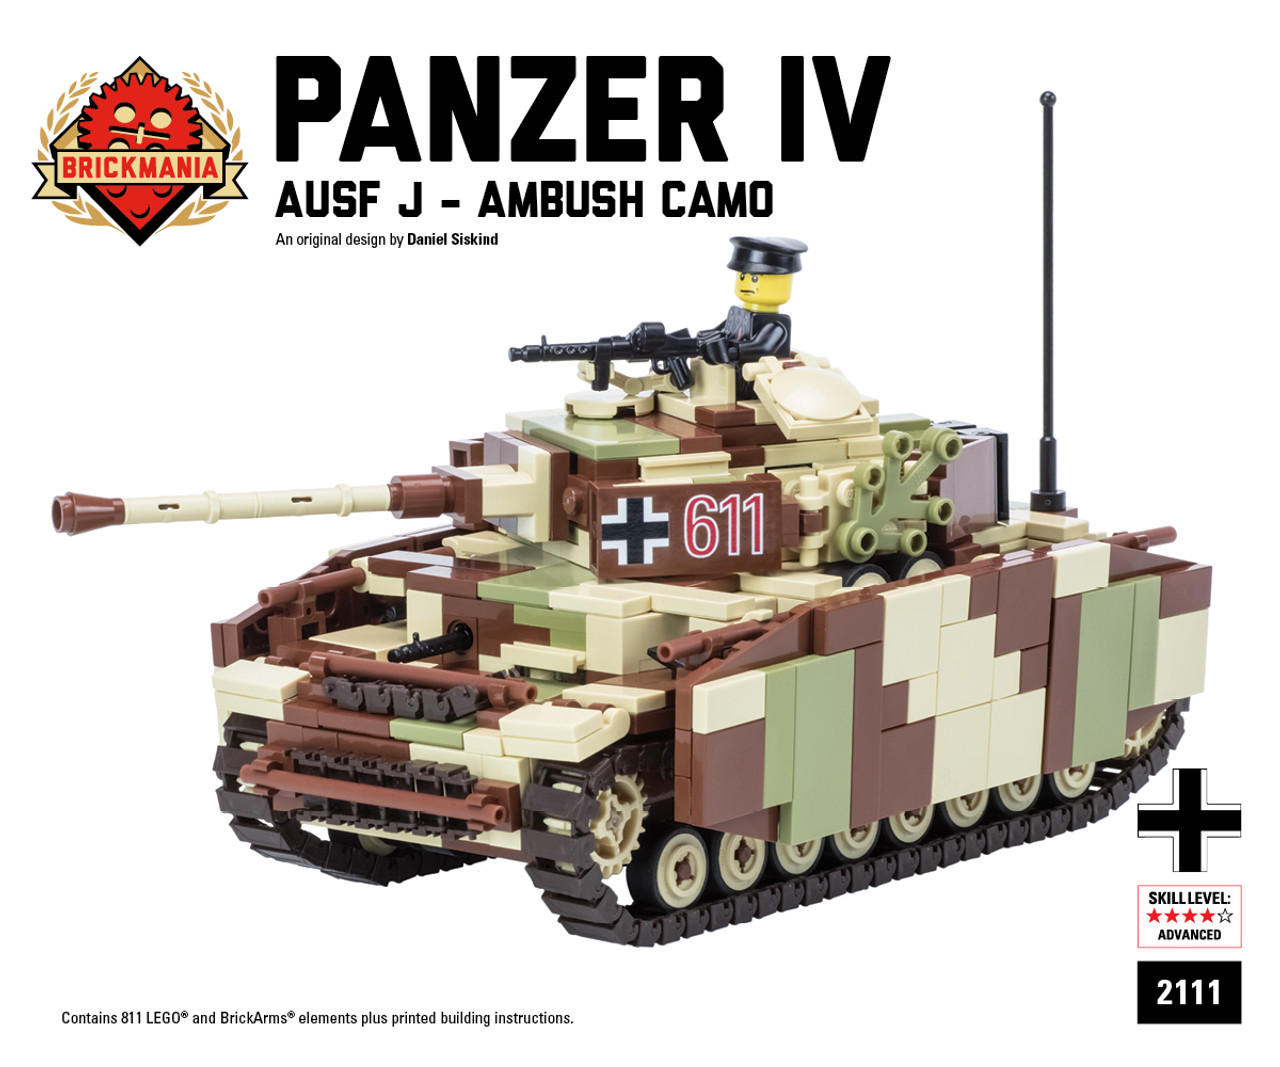 Panzer IV Ausf J - Ambush Camo